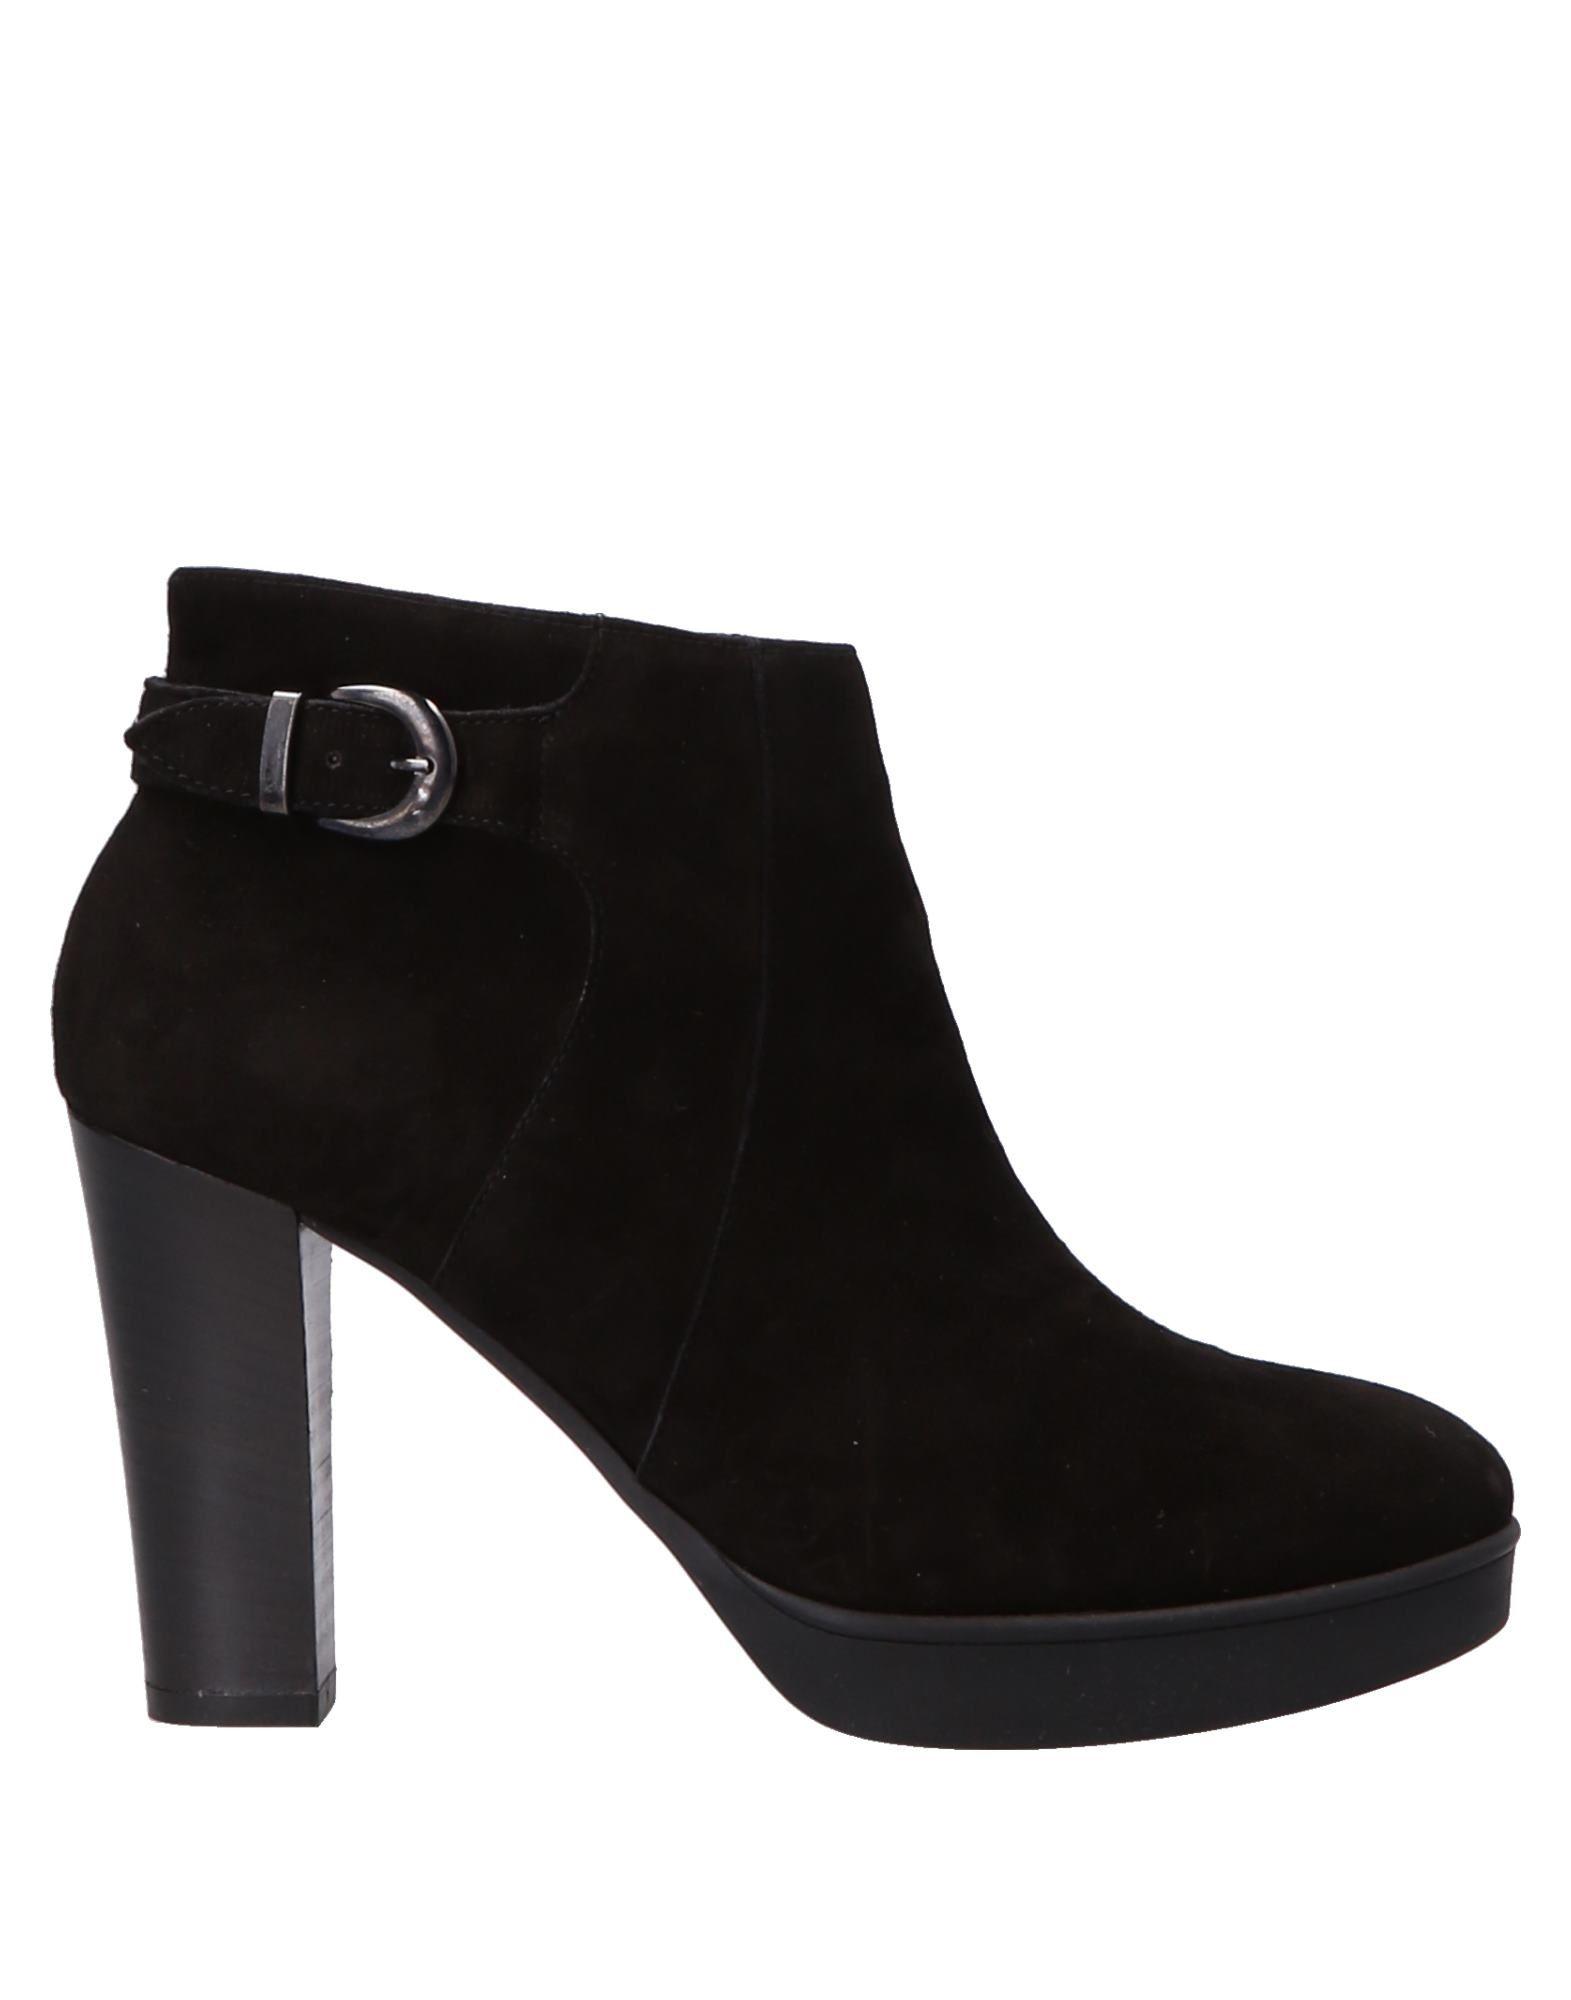 Donna Più Stiefelette Damen  11544155FC Gute Qualität beliebte Schuhe